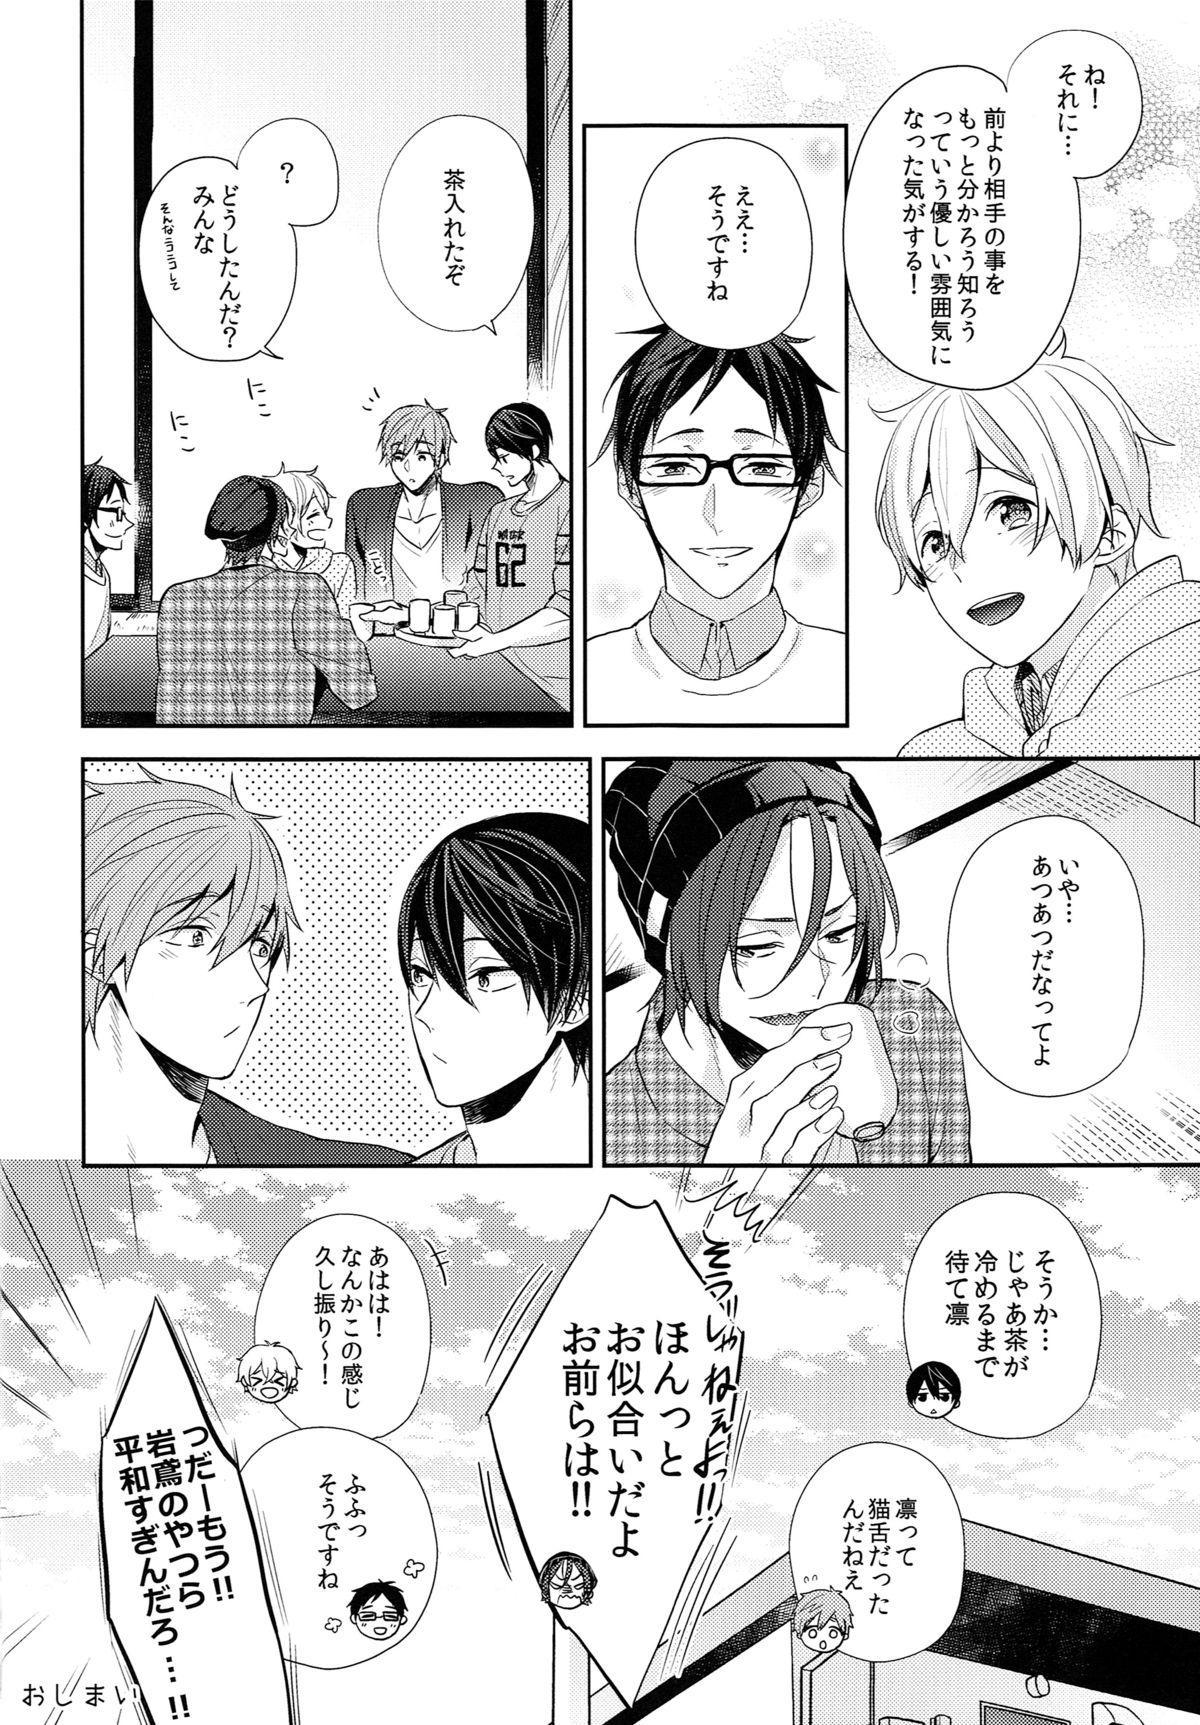 Tsunagaru Heart 18